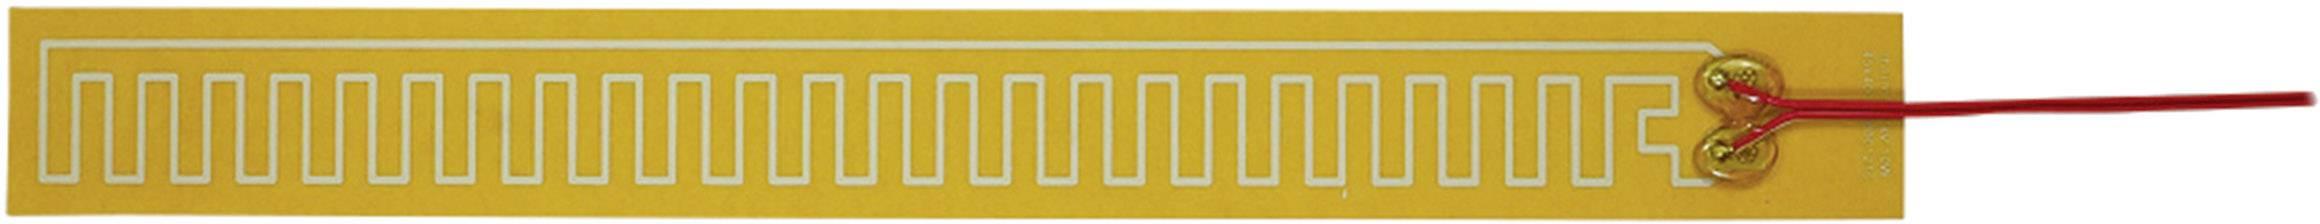 Tepelná fólia samolepiaci Thermo 2125359, 24 V/DC, 24 V/AC 10 W Spôsob ochrany IPX4, (d x š) 400 mm x 45 mm